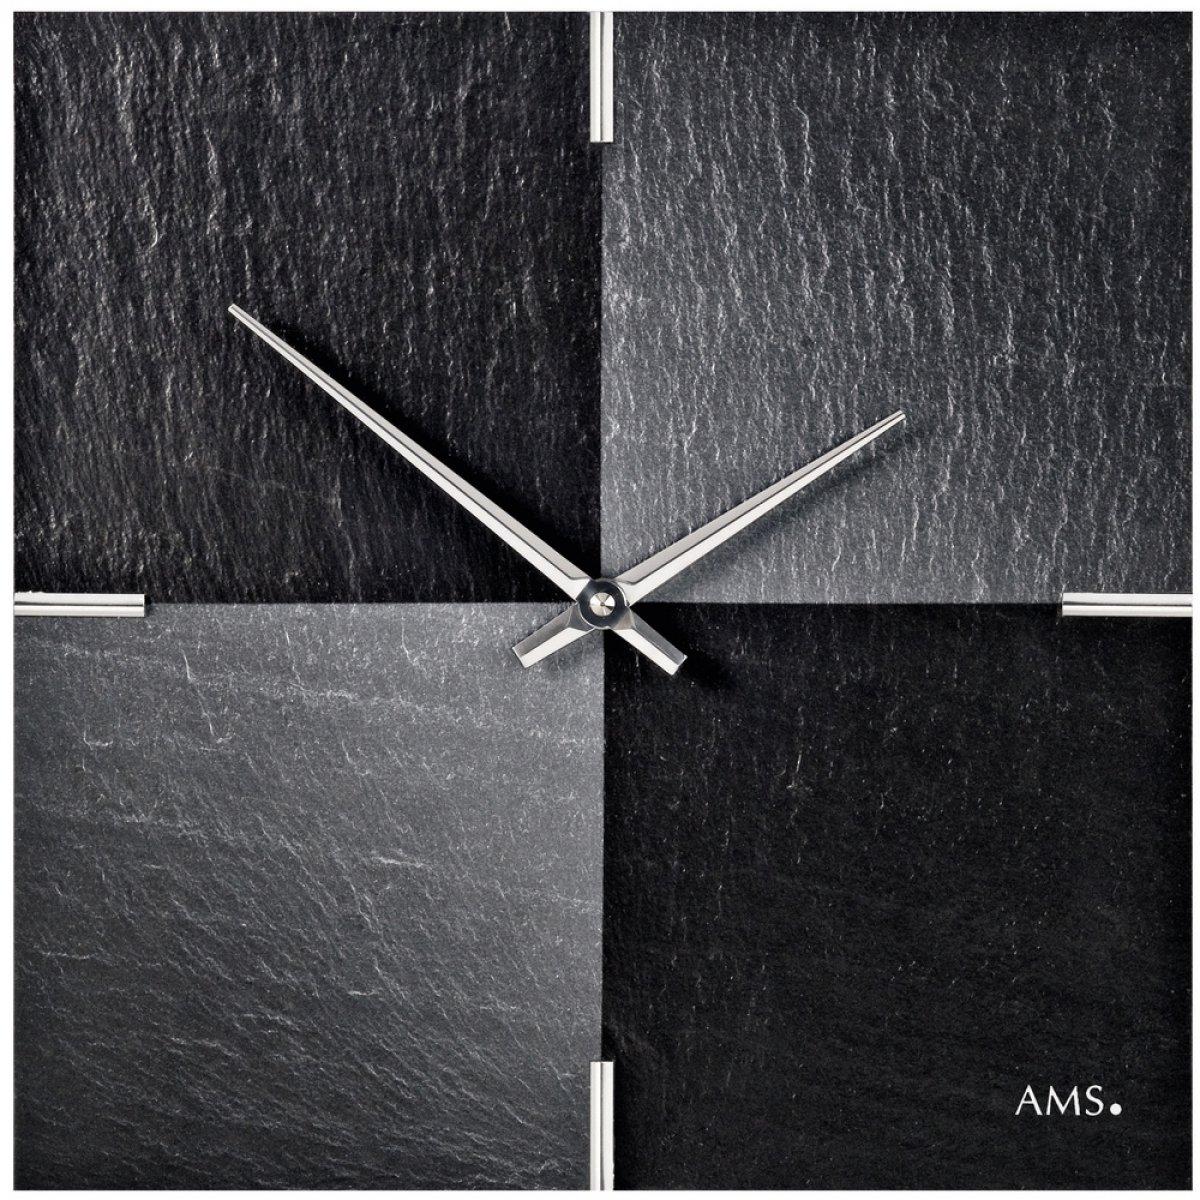 AMSからクオーツムーブメントを備えた現代的な壁時計 B01K9JQ1LS